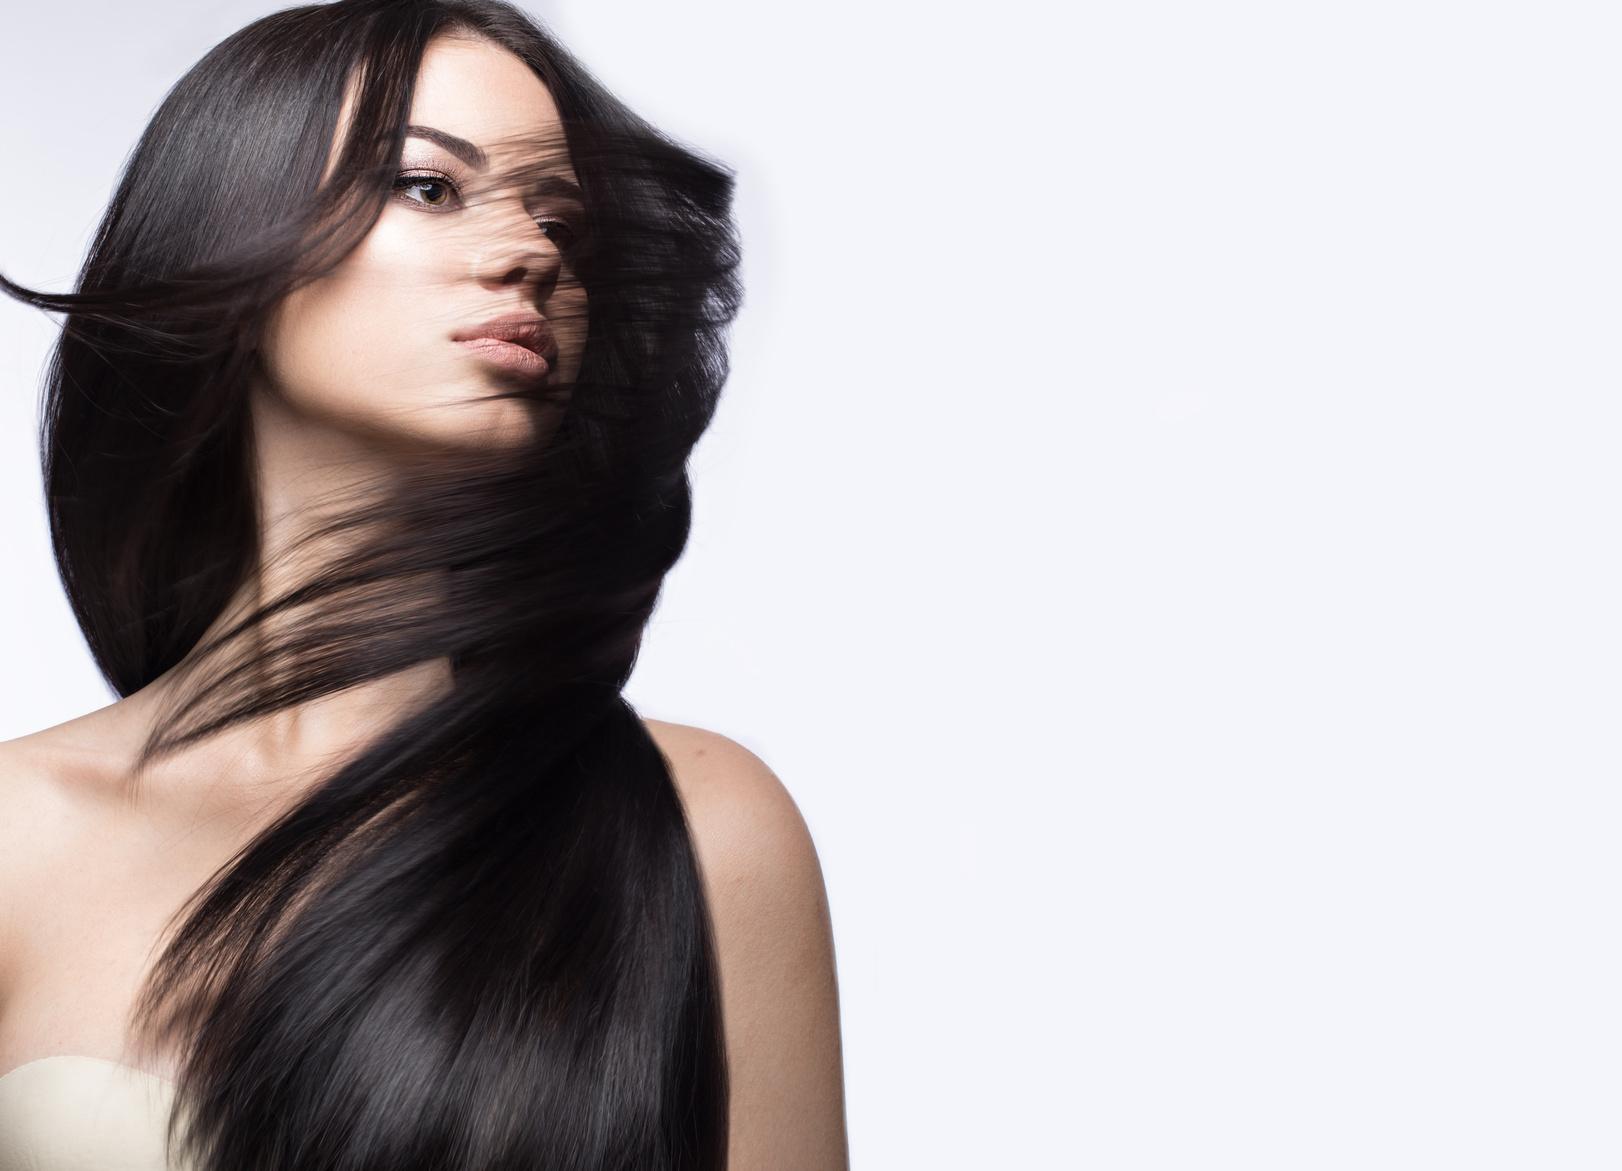 Hiustenleikkaus, pesu ja tehohoito 25€ (säästä 58%)